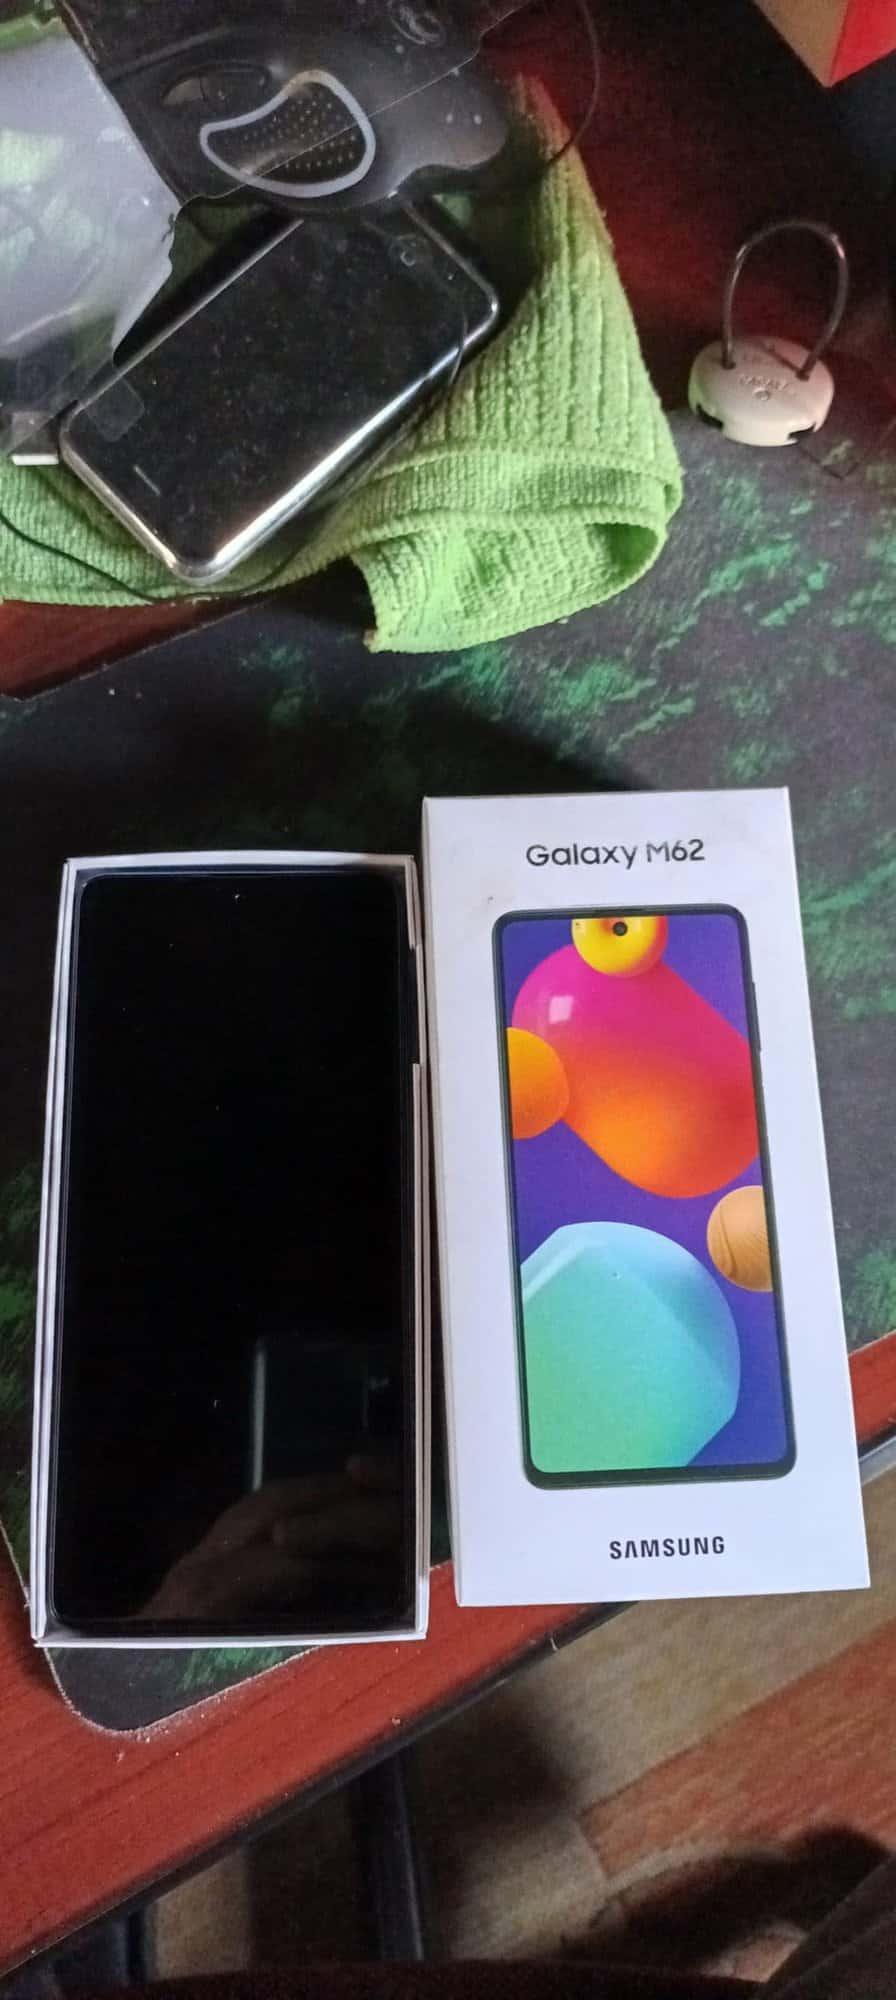 Imagem mostra a caixa do Samsung Galaxy M62, aberta e com o aparelho à mostra. Samsung lançou o Galaxy M32 e o Galaxy M62 no varejo online brasileiro em 2 de agosto